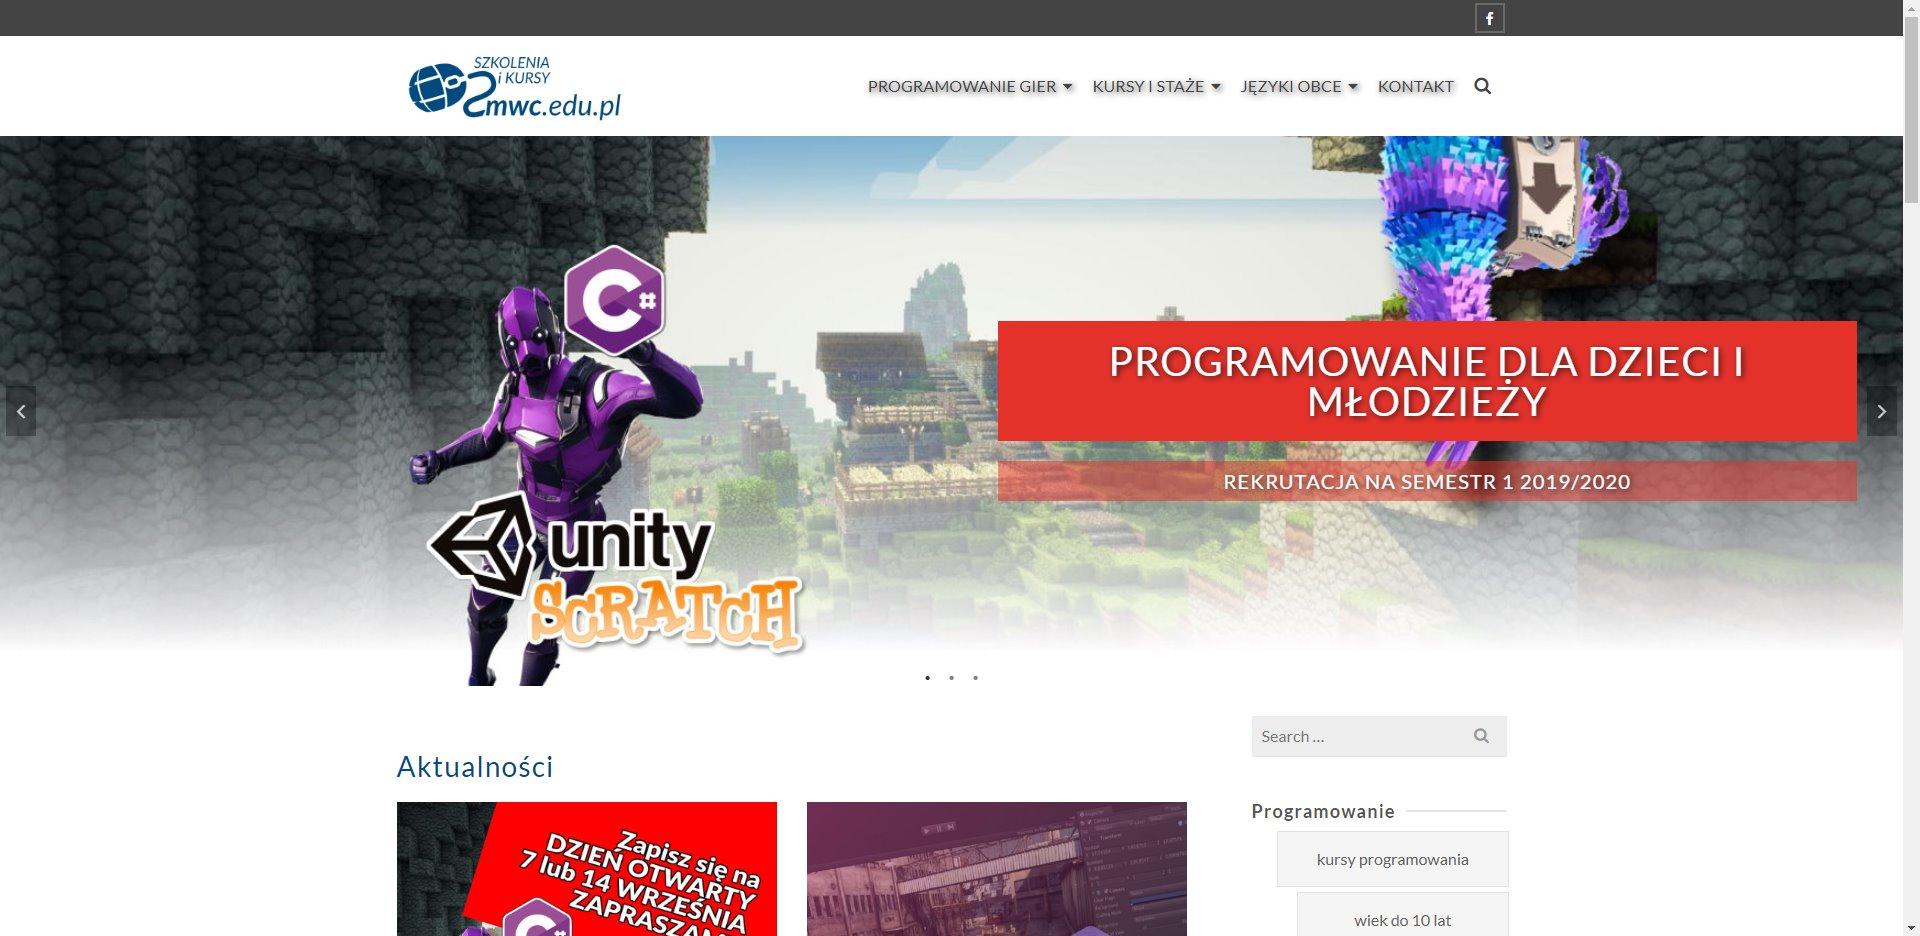 Kursy programowania Częstochowa dzieci młodzież